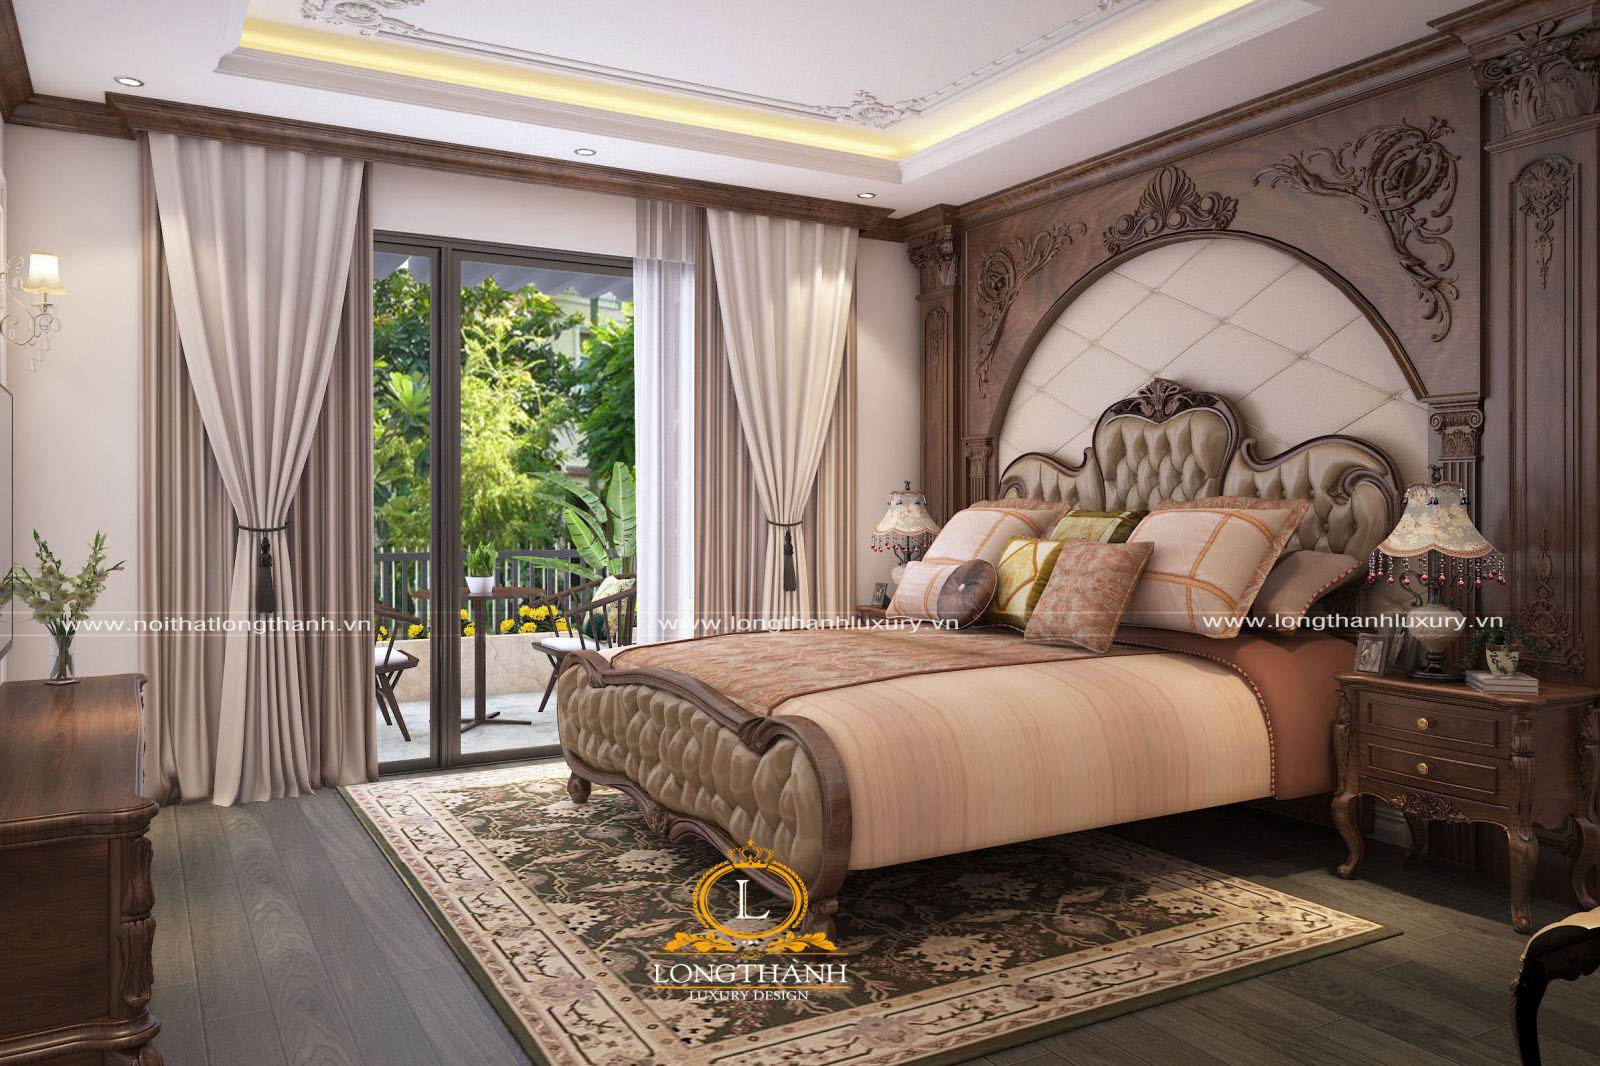 Phòng ngủ tân cổ điển đẹp - góc nhìn hướng ra cửa sổ